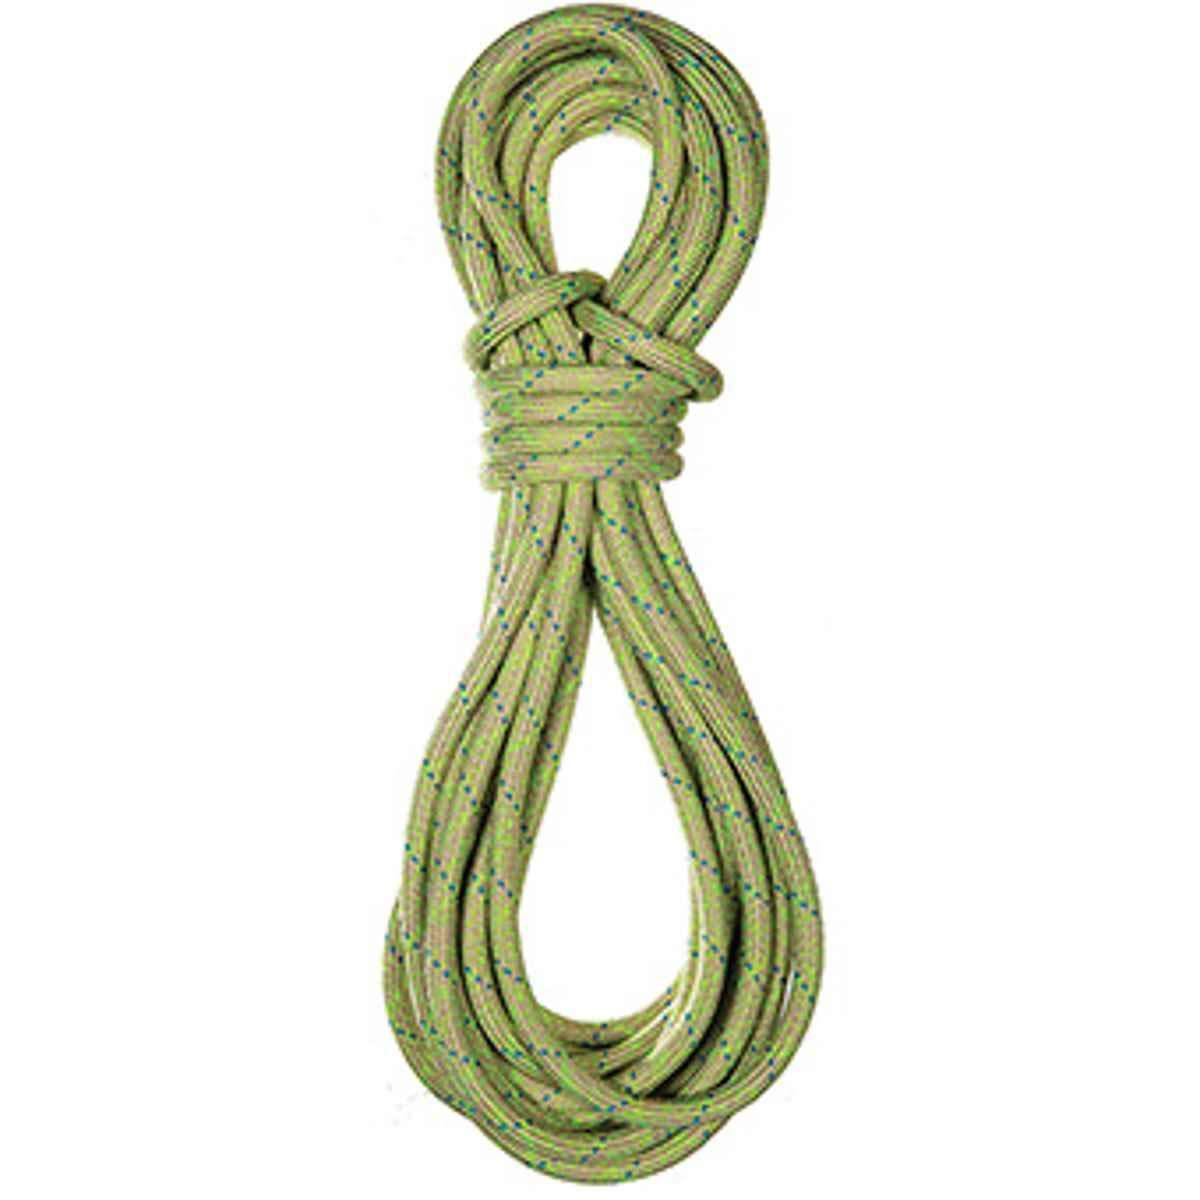 スターリングcanyonluxキャニオニングロープ – 8.0 MM B01MSDVOLD 30 m|グリーン グリーン 30 m